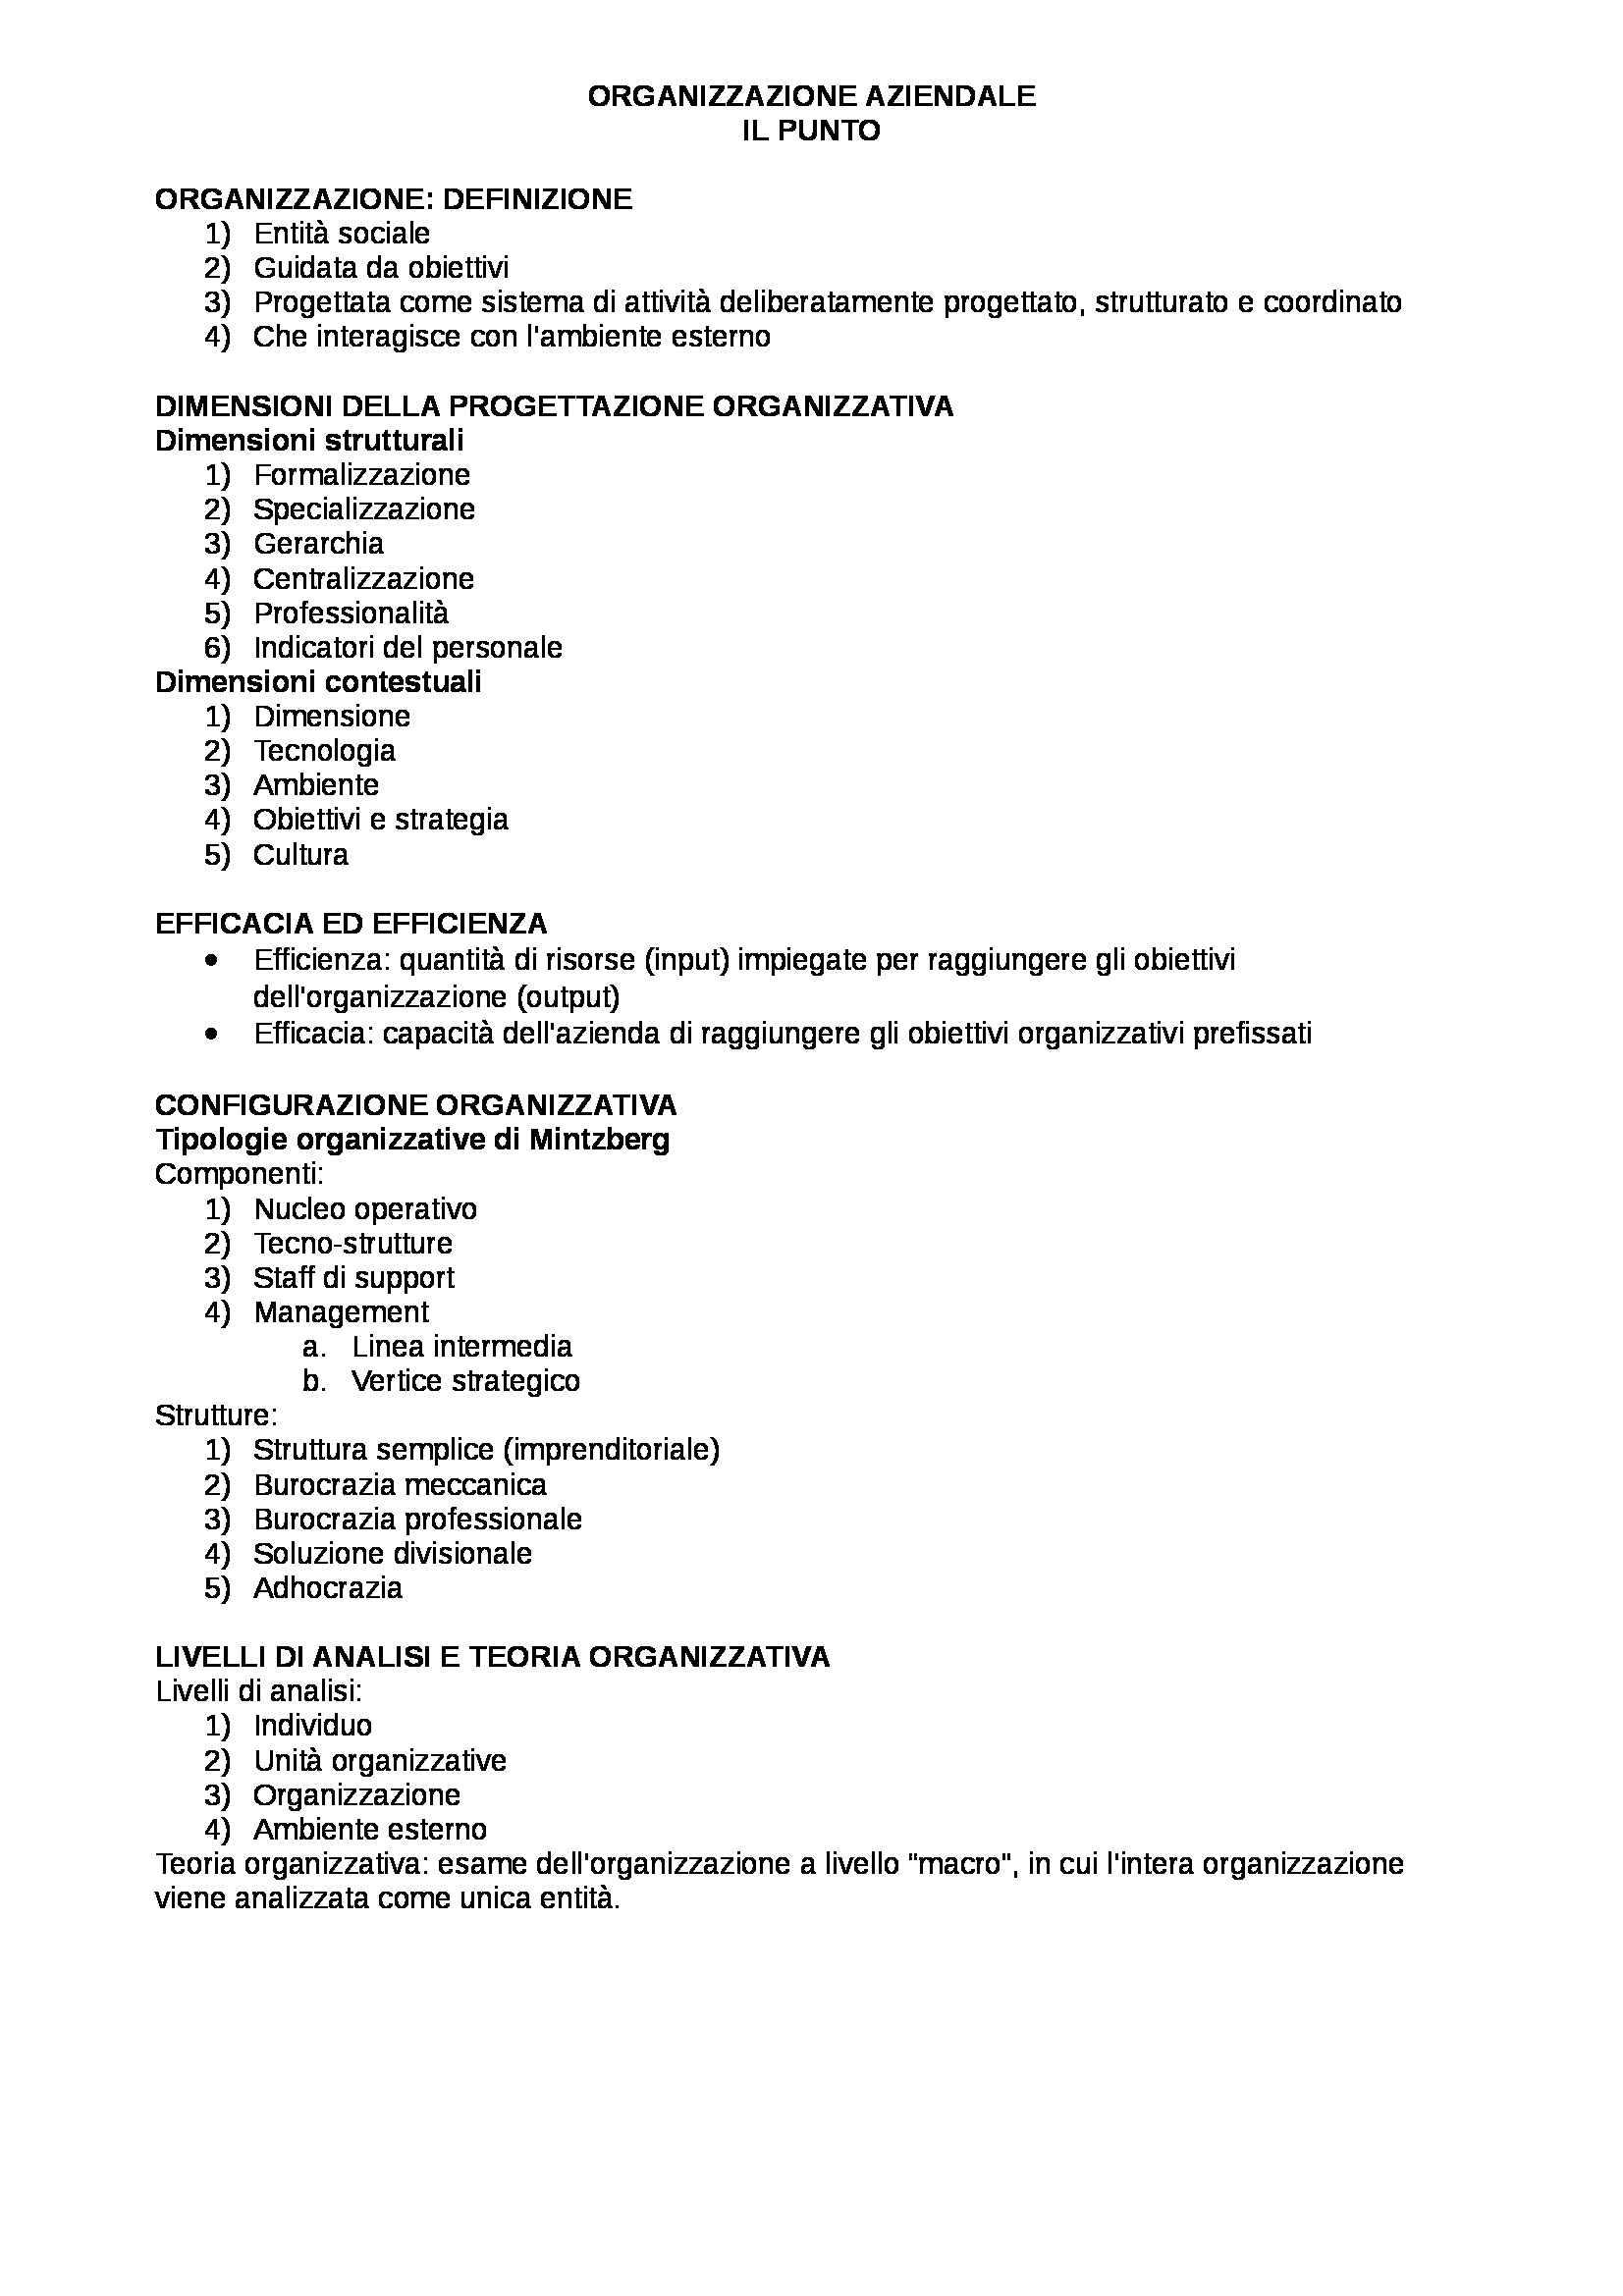 Organizzazione aziendale, Daft - schema per punti